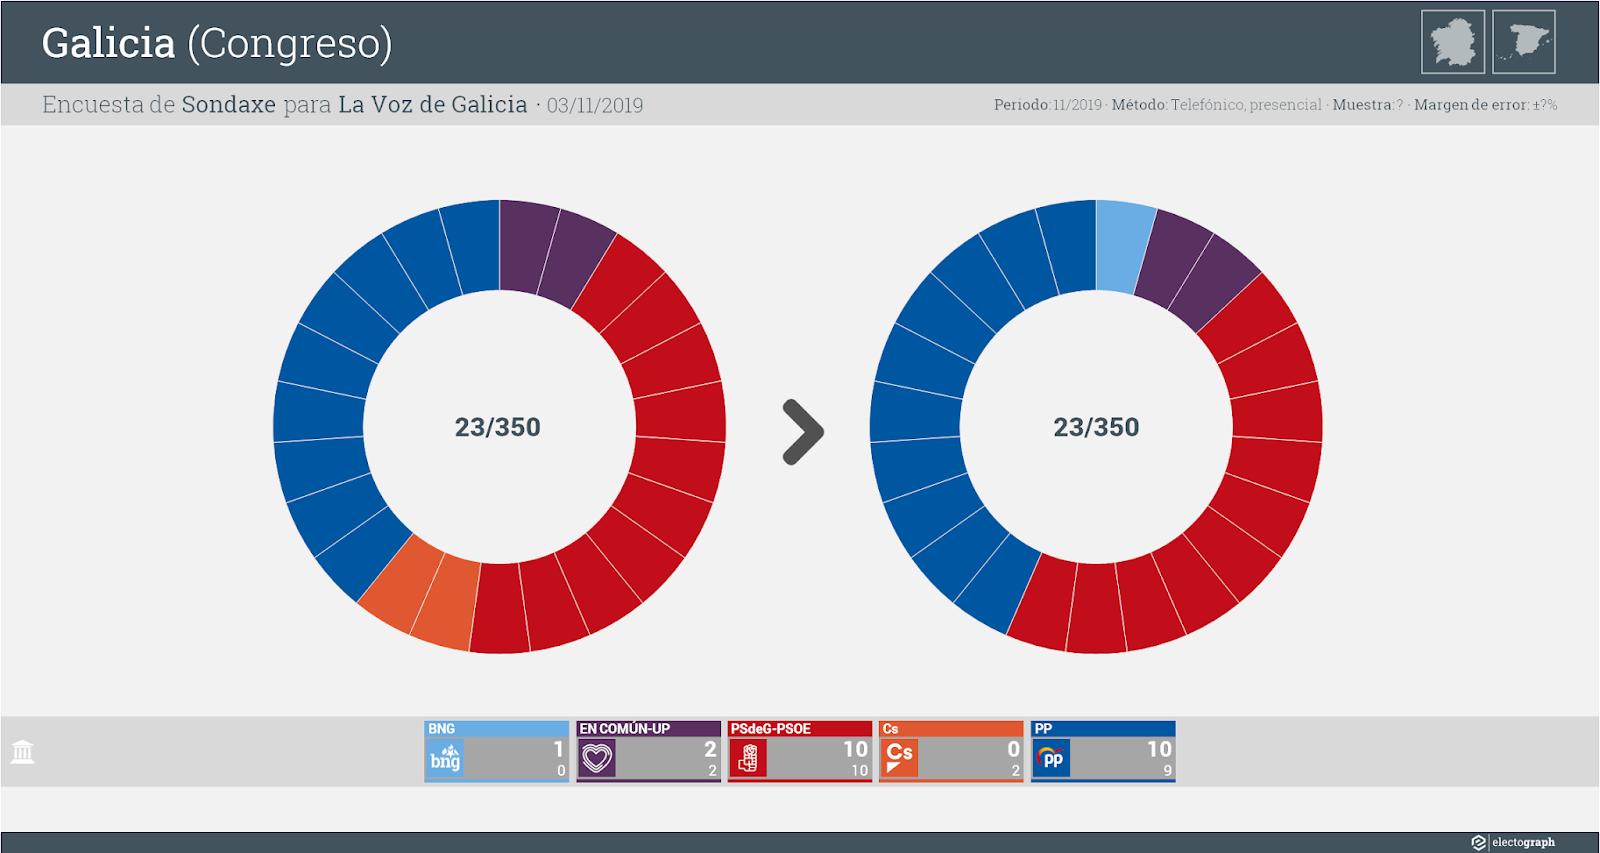 Gráfico de la encuesta para elecciones generales en Galicia realizada por Sondaxe para La Voz de Galicia, 3 de noviembre de 2019